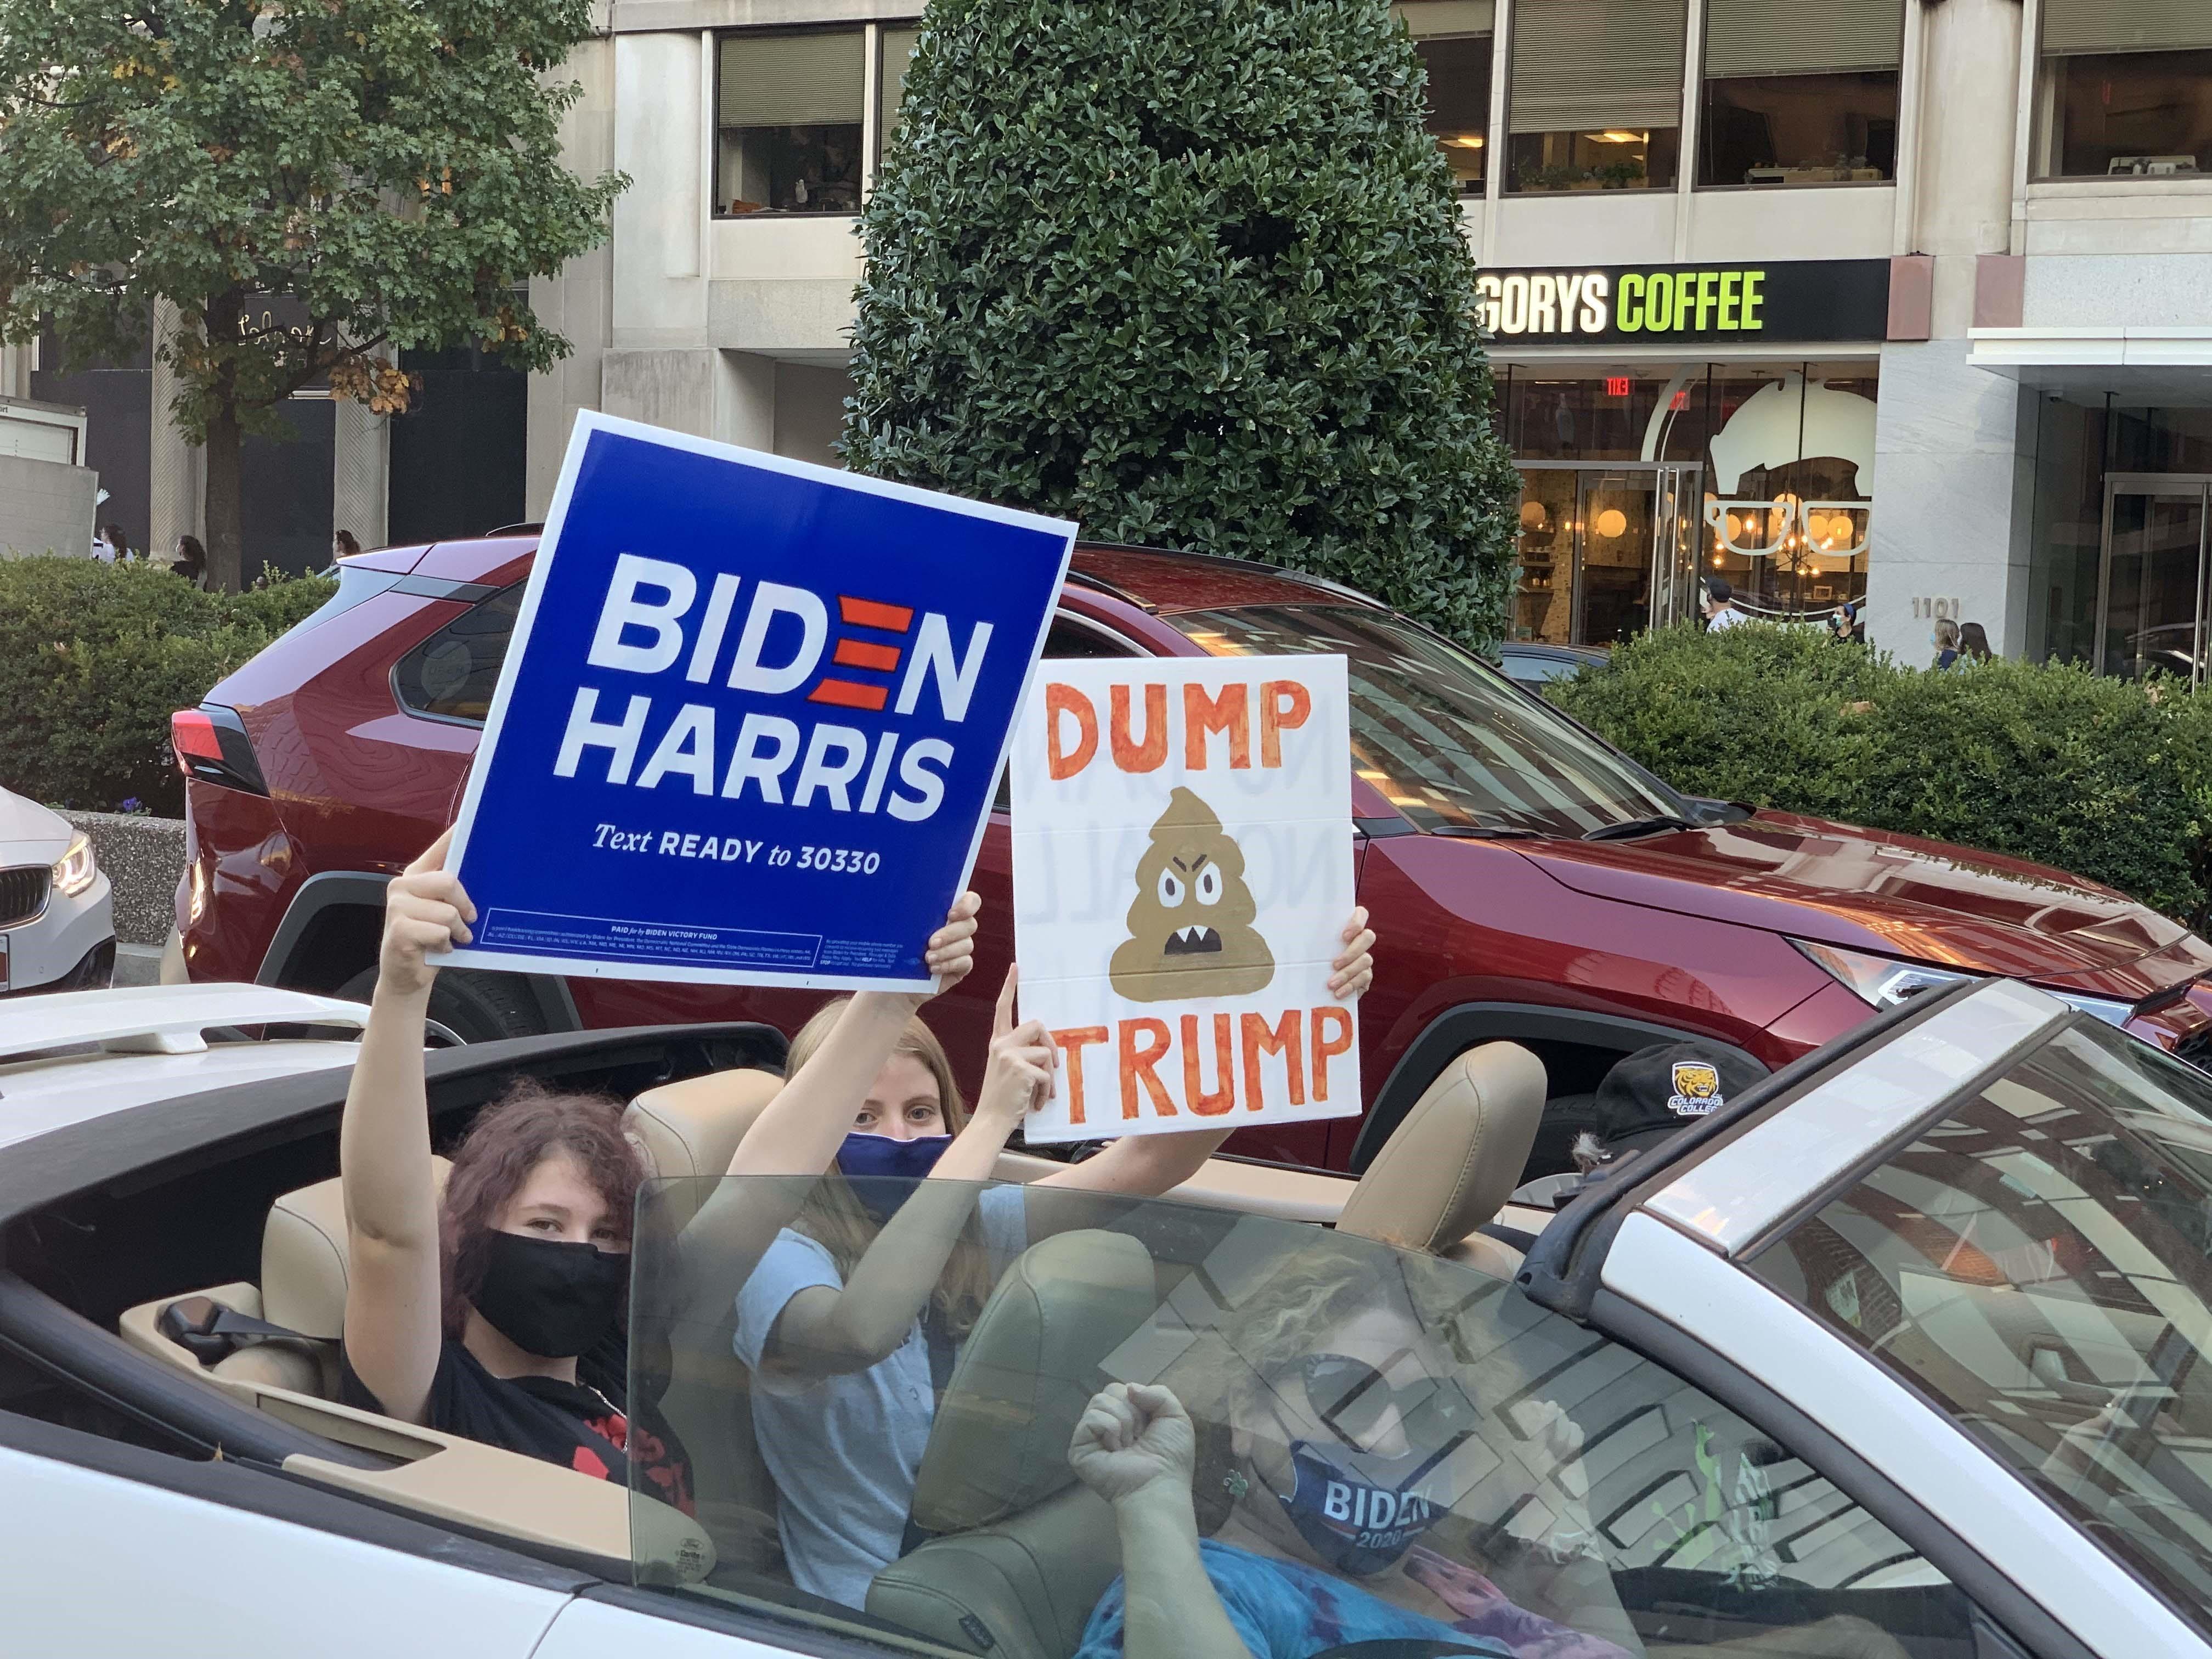 Người dân Mỹ bày tỏ niềm vui trước chiến thắng của ứng cử viên đảng Dân chủ Joe Biden bằng một cuộc diễu hành trên ôtô. (Ảnh: Đặng Huyền/TTXVN)